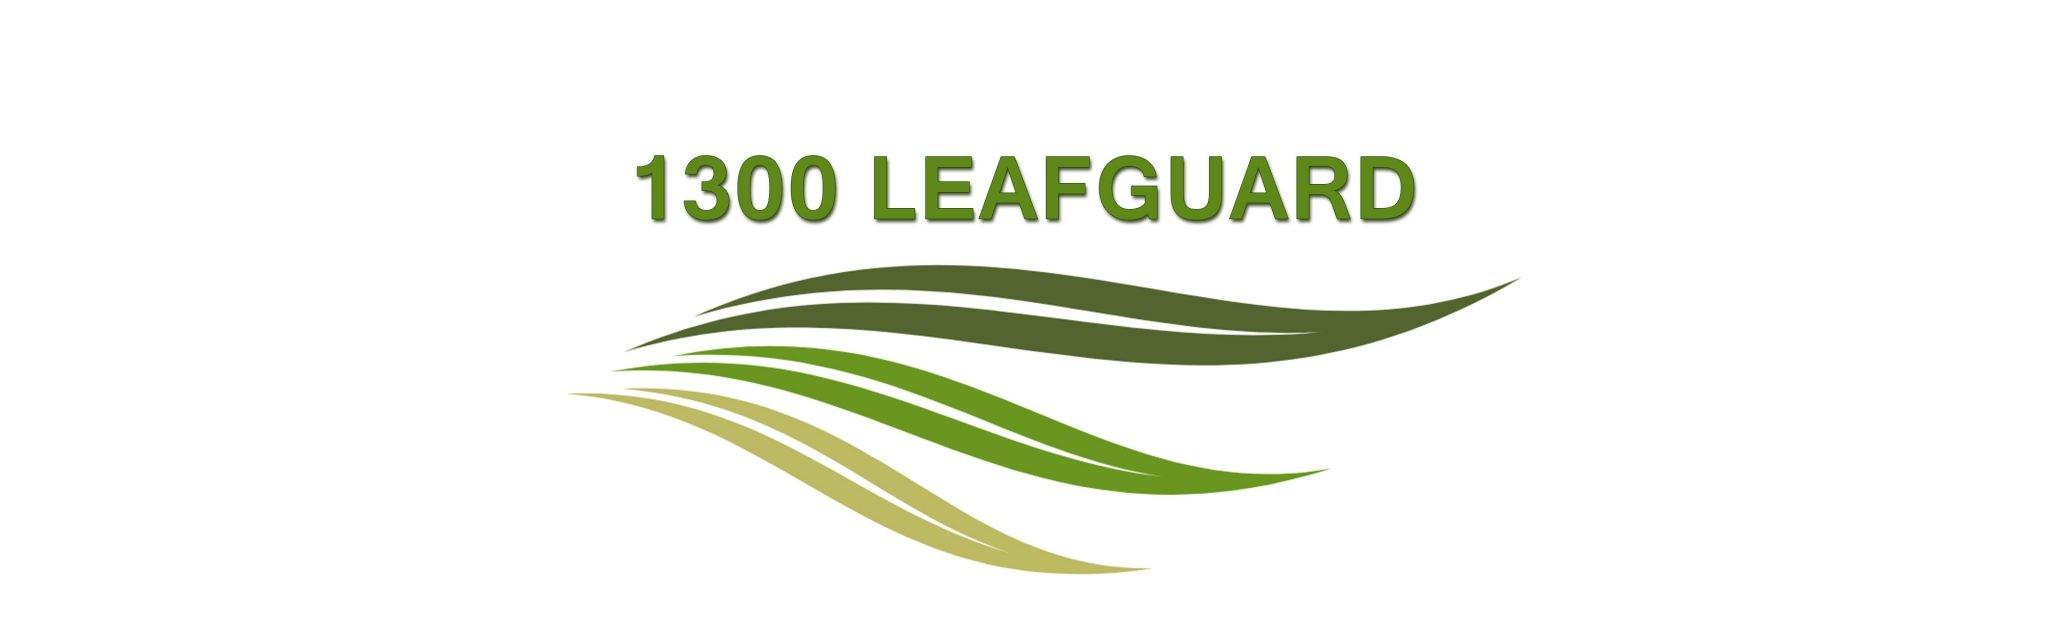 1300 LEAFGUARD